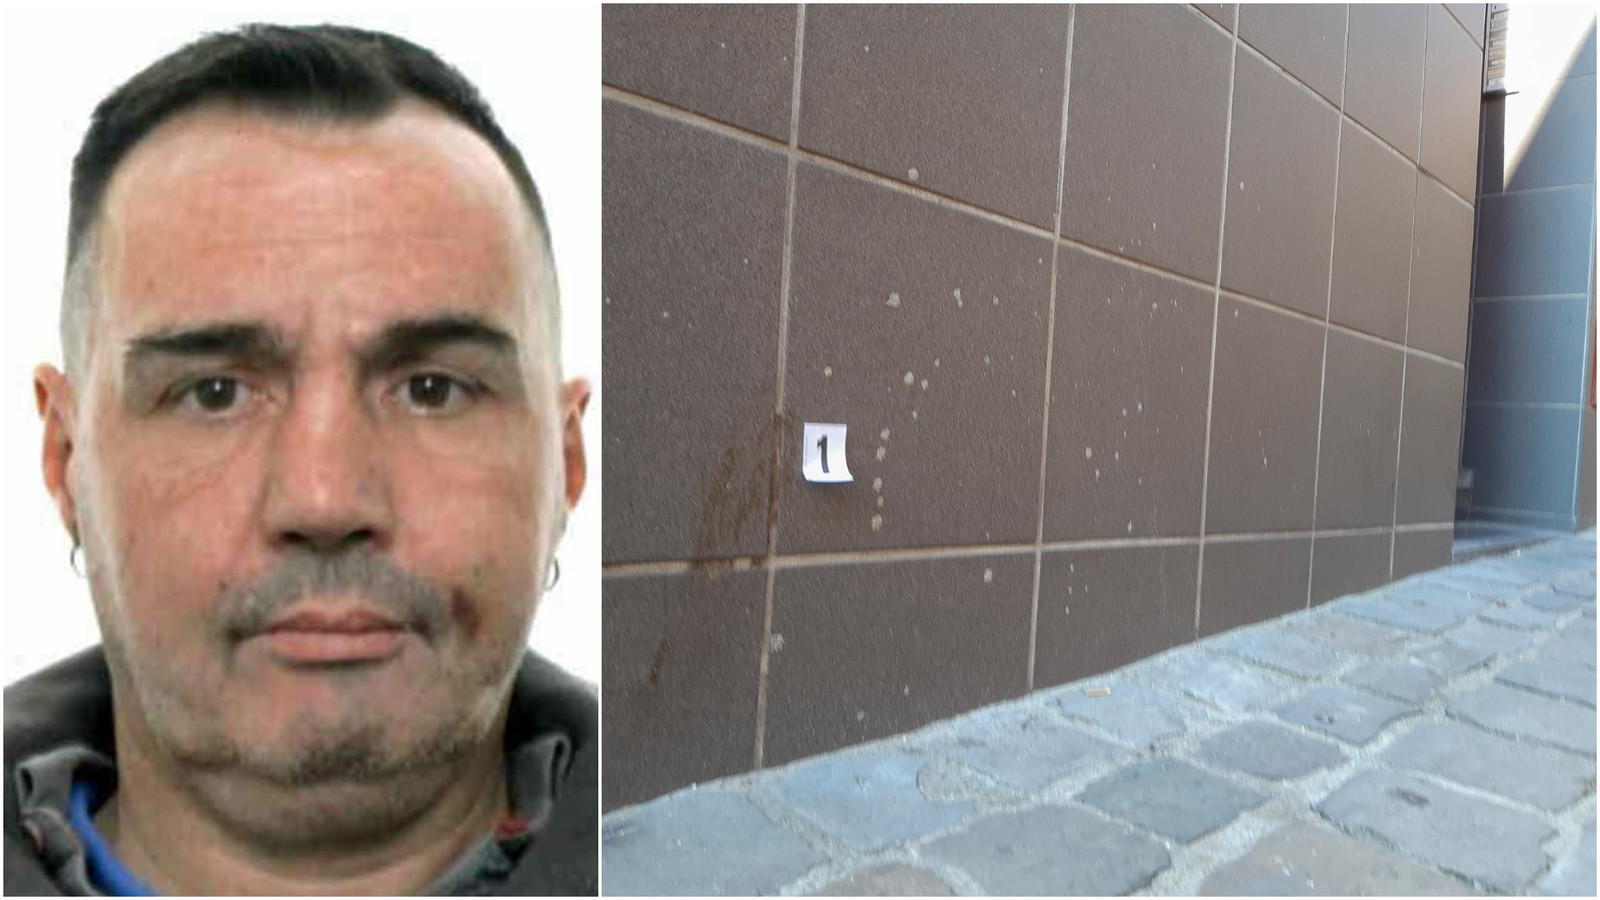 Slachtoffer Eric Laurent is doodgeslagen in zijn appartement. Wie hem doodsloeg en waarom, is nog steeds onduidelijk.